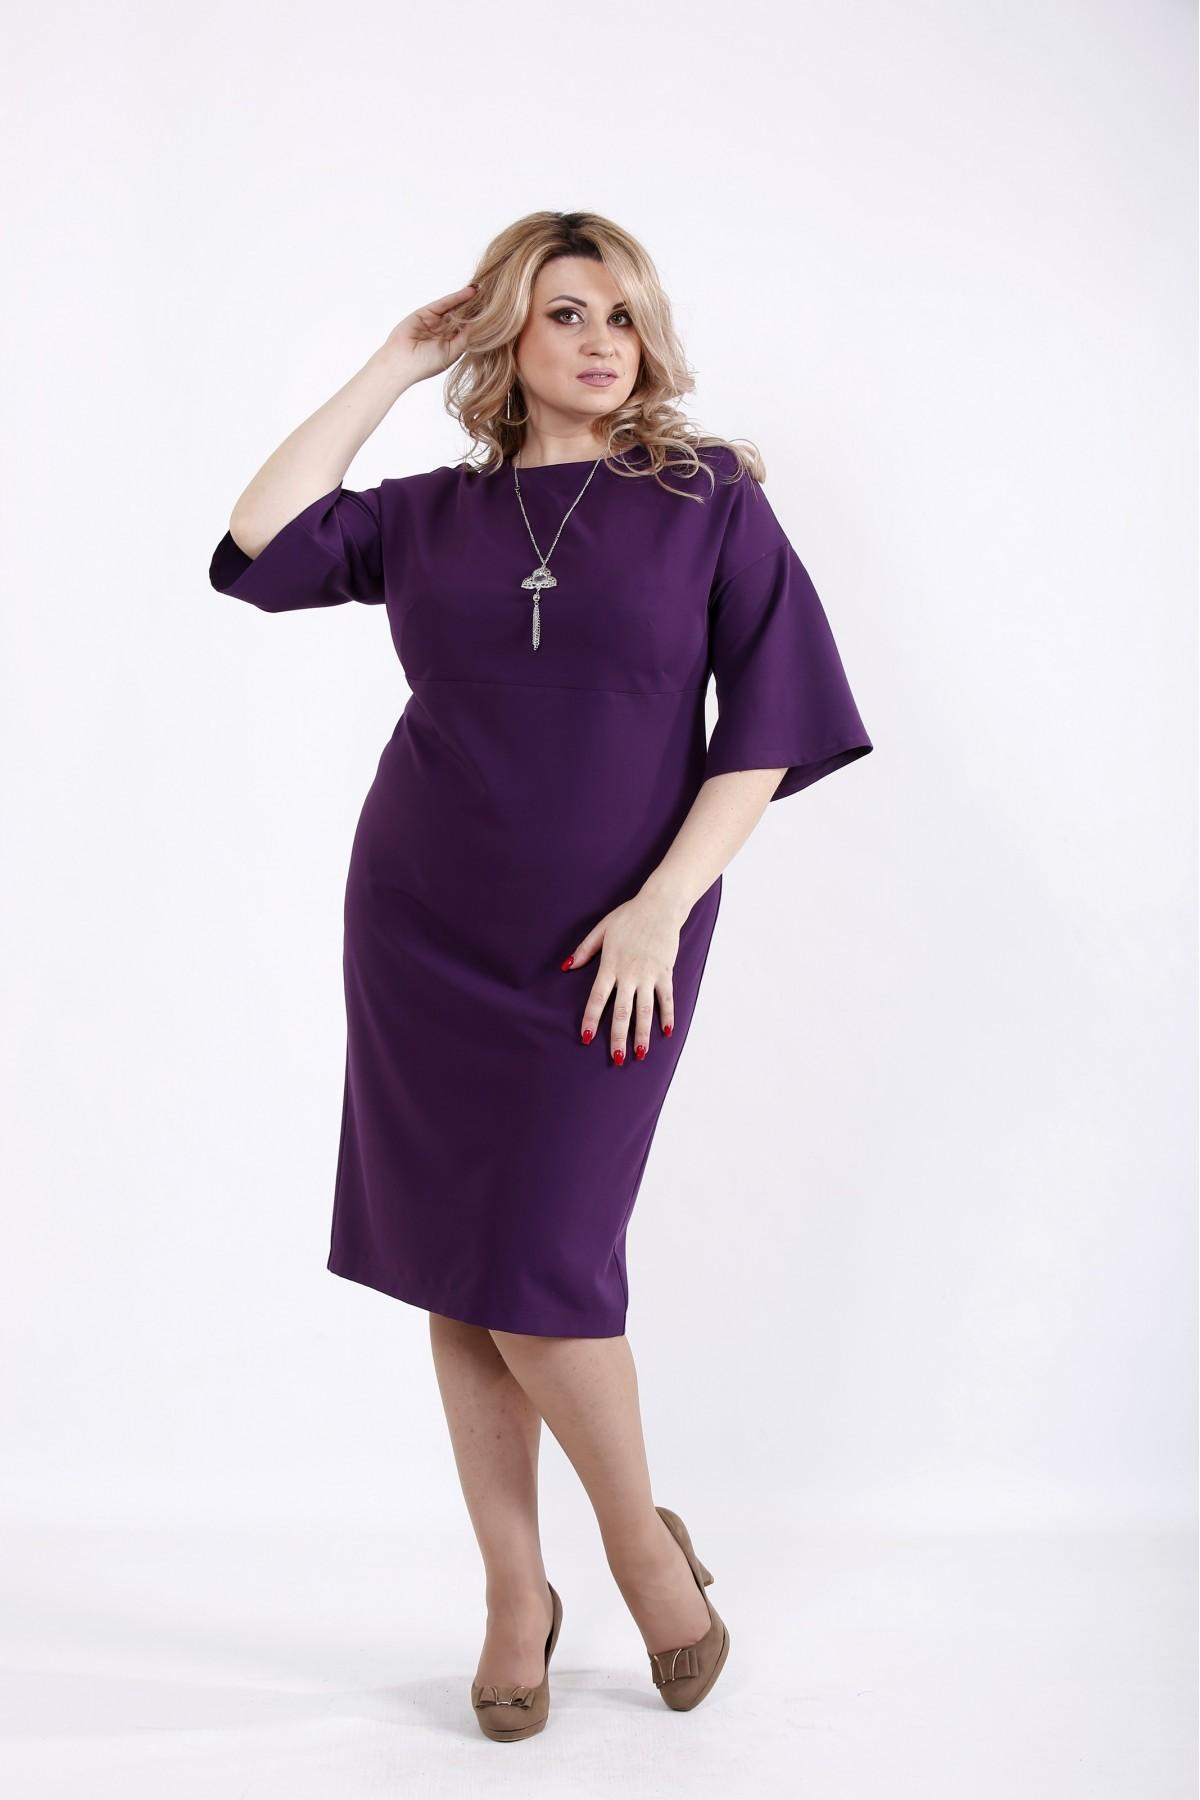 01061-3 | Баклажанное платье до колена